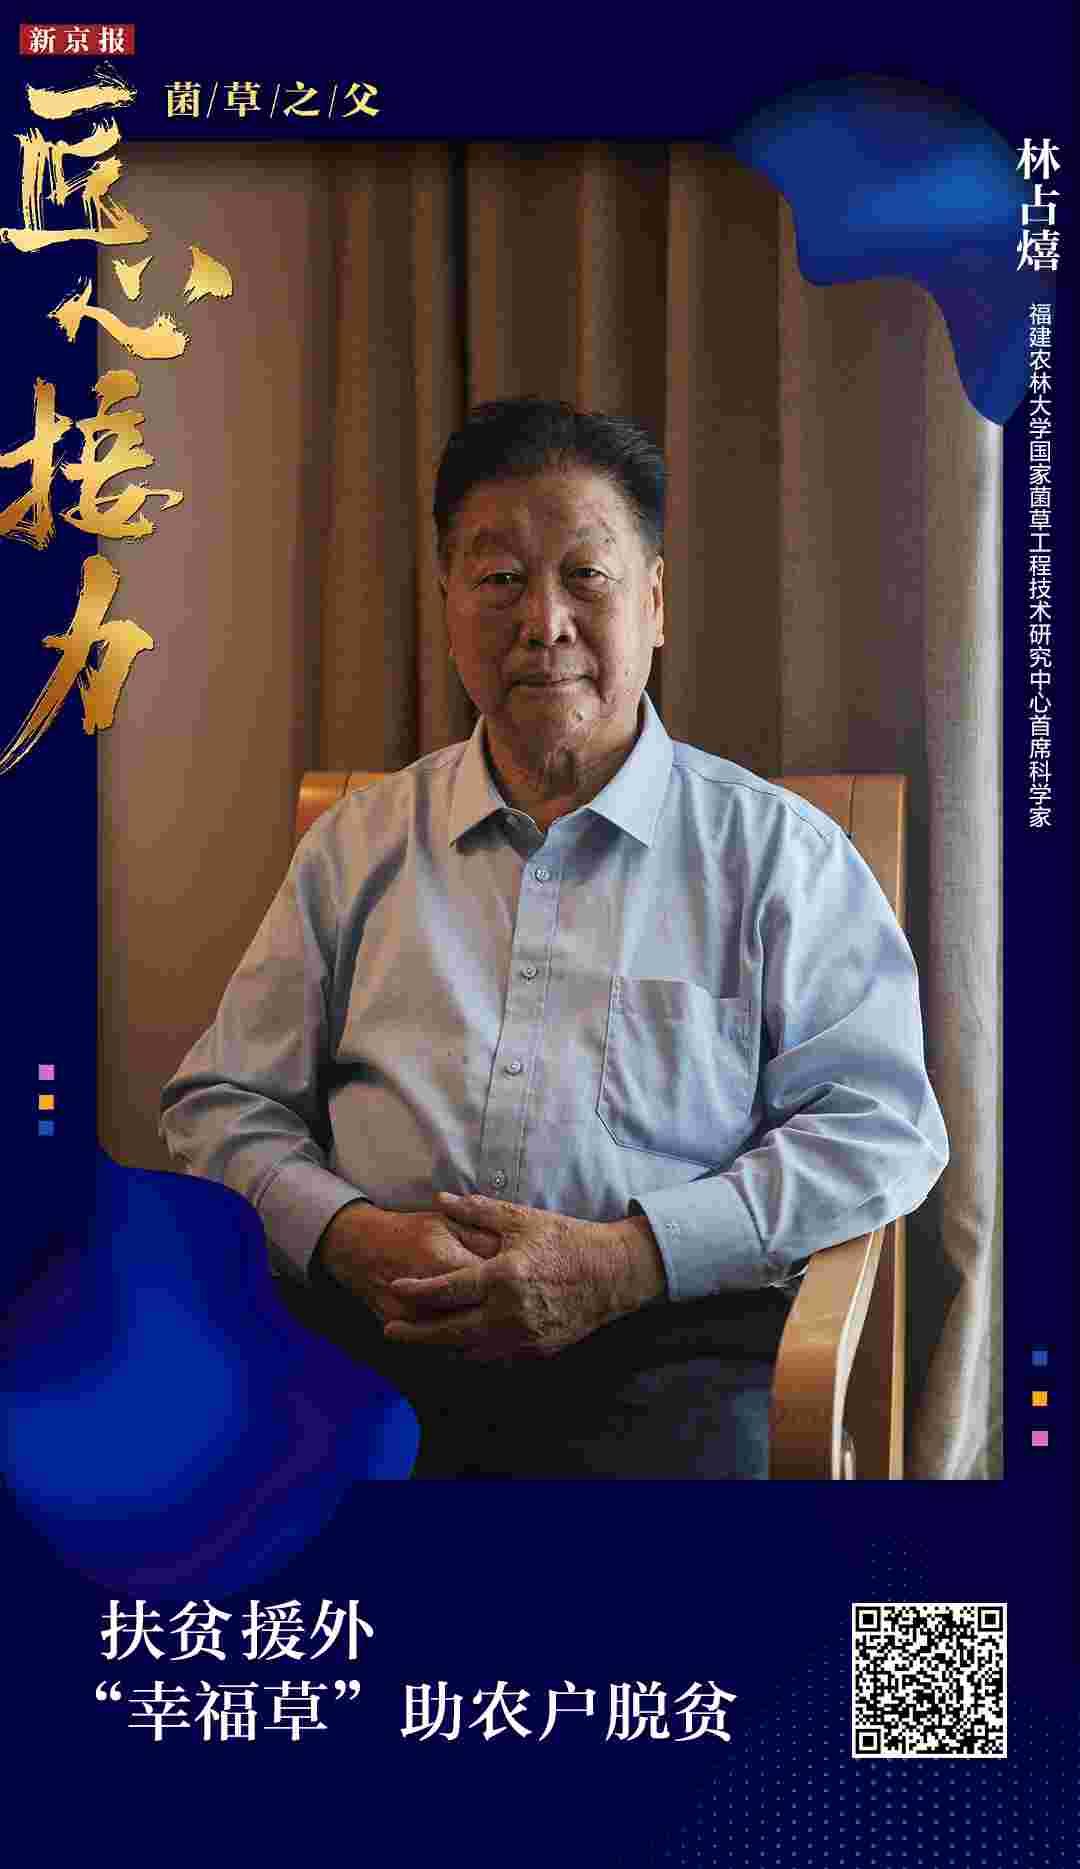 匠人心声丨林占熺:专注菌草技术,为世界可持续发展提供中国方